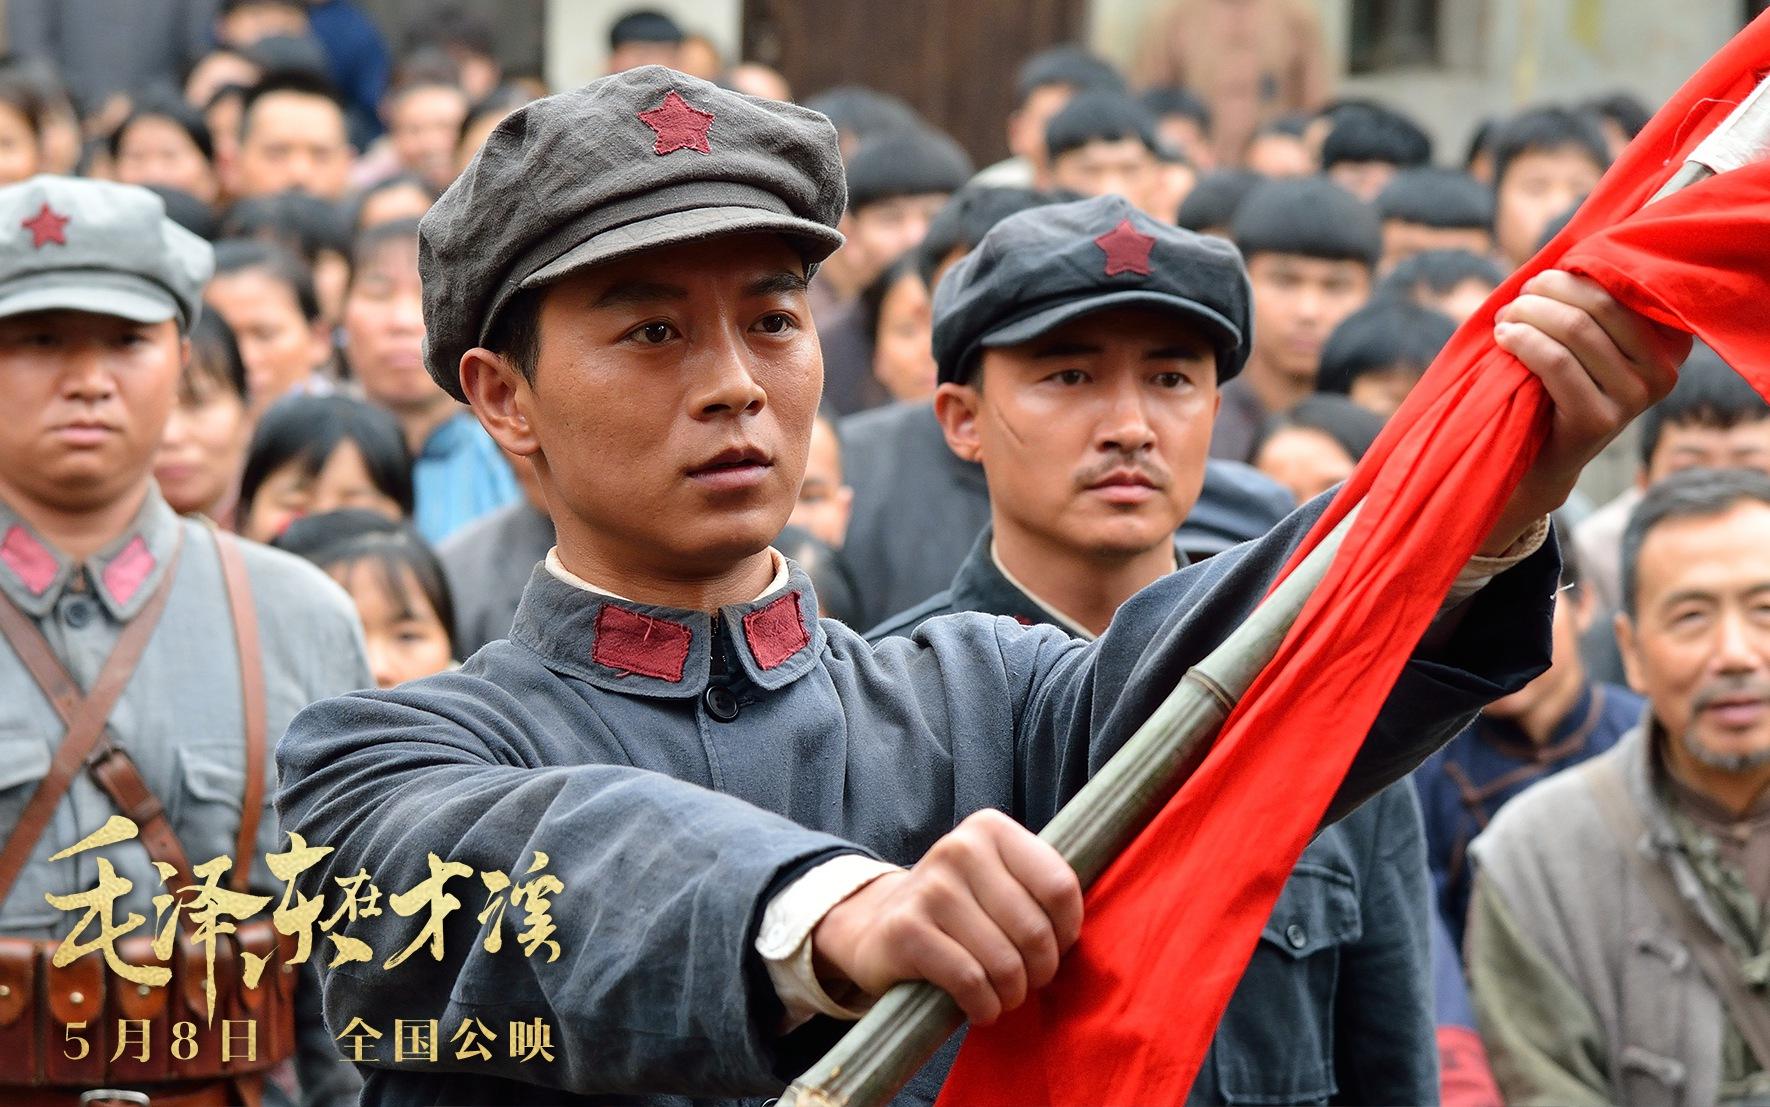 电影《毛泽东在才溪》发布终极海报预告 (5).jpg